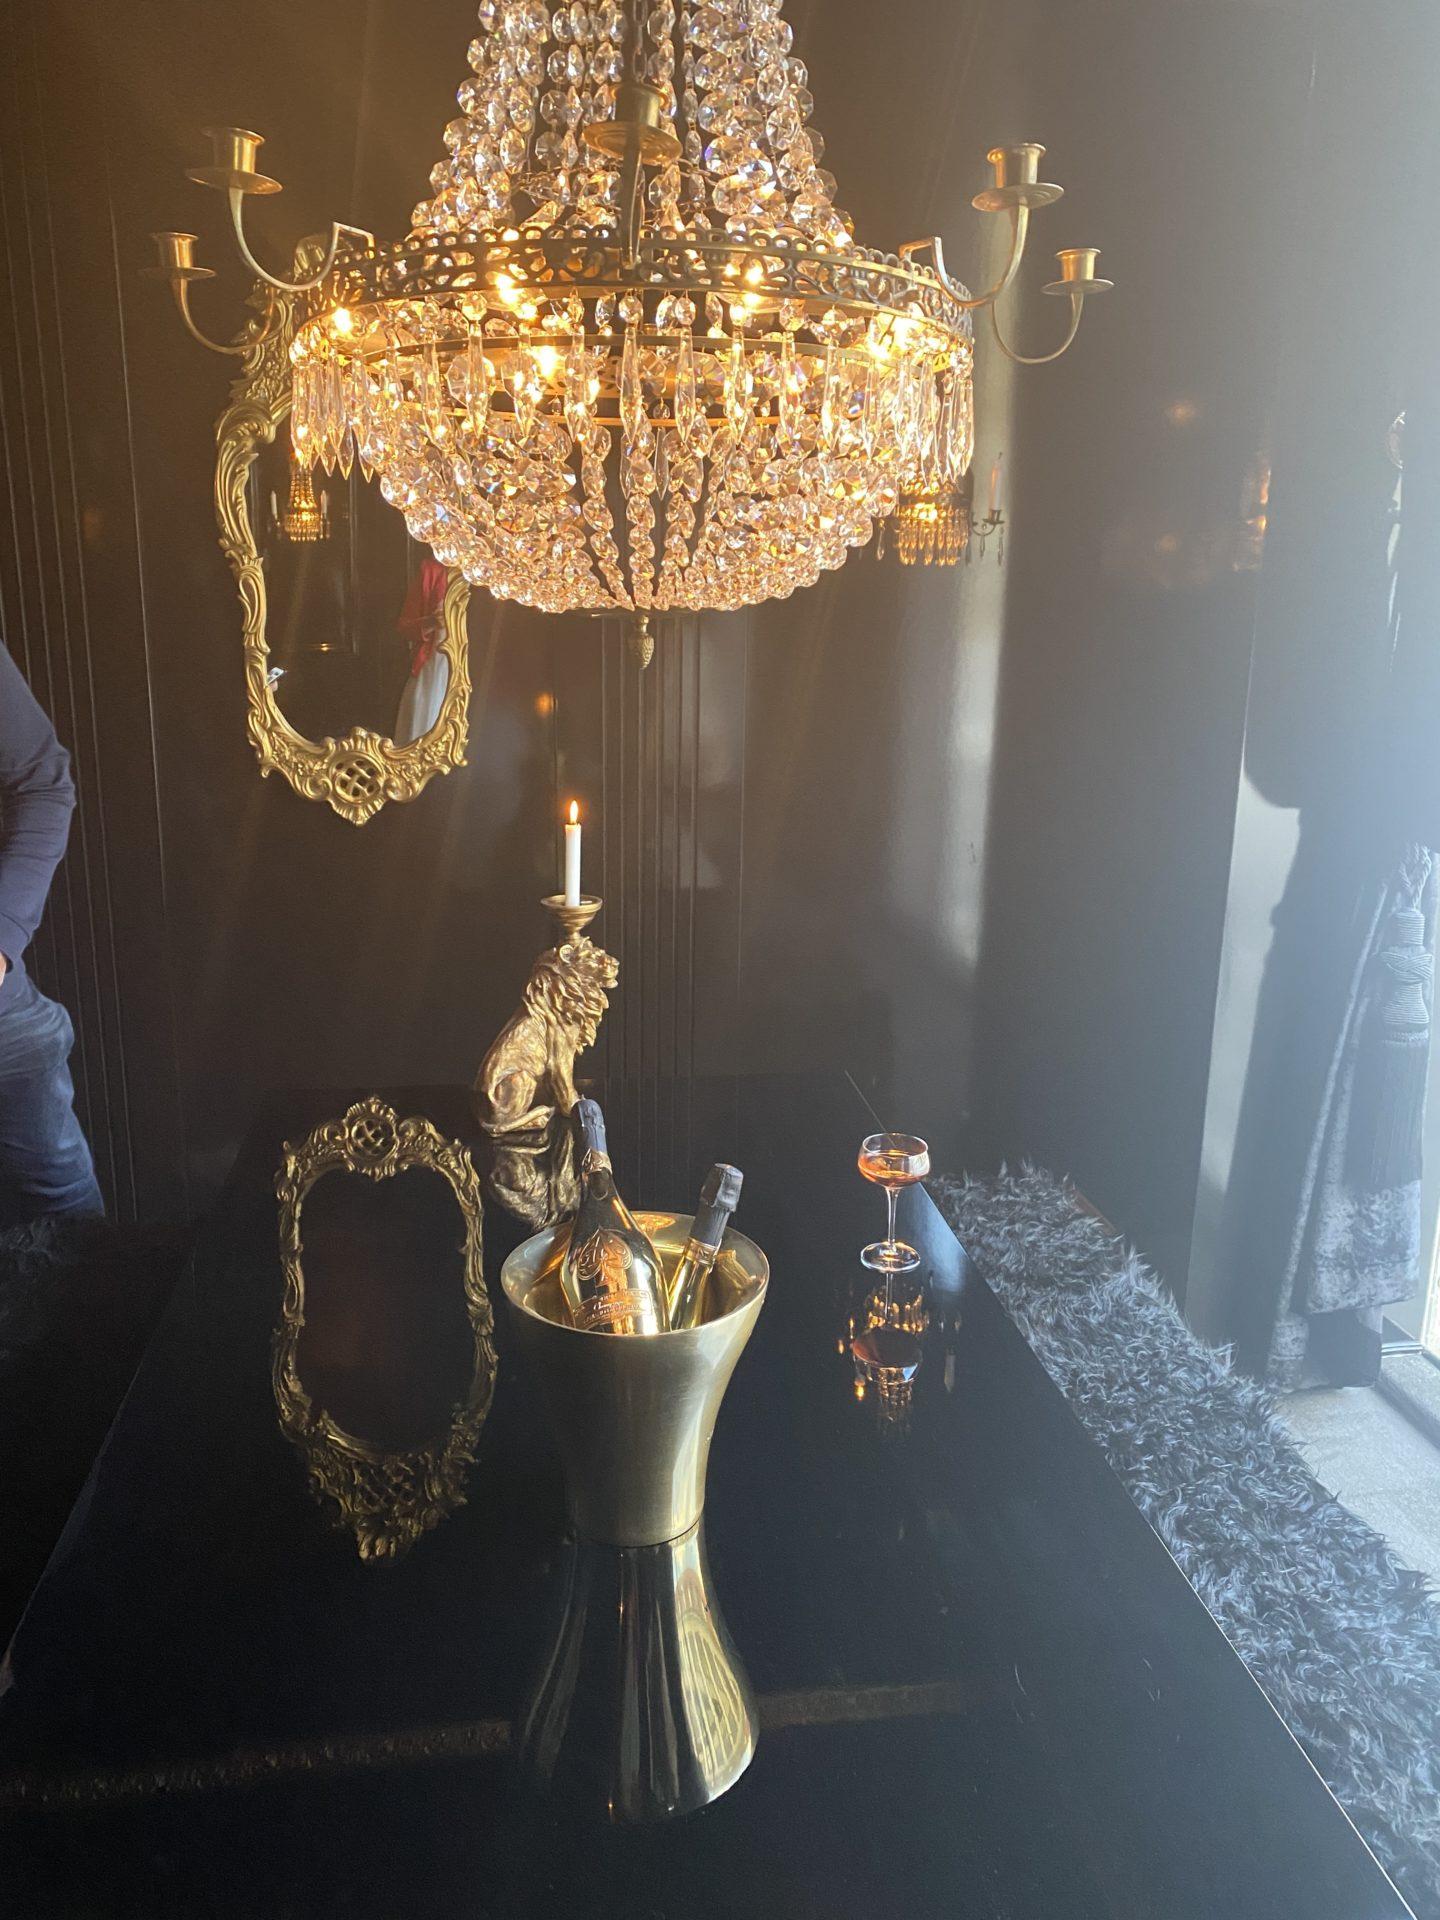 Restaurang Marie Antoinette i Malmö 